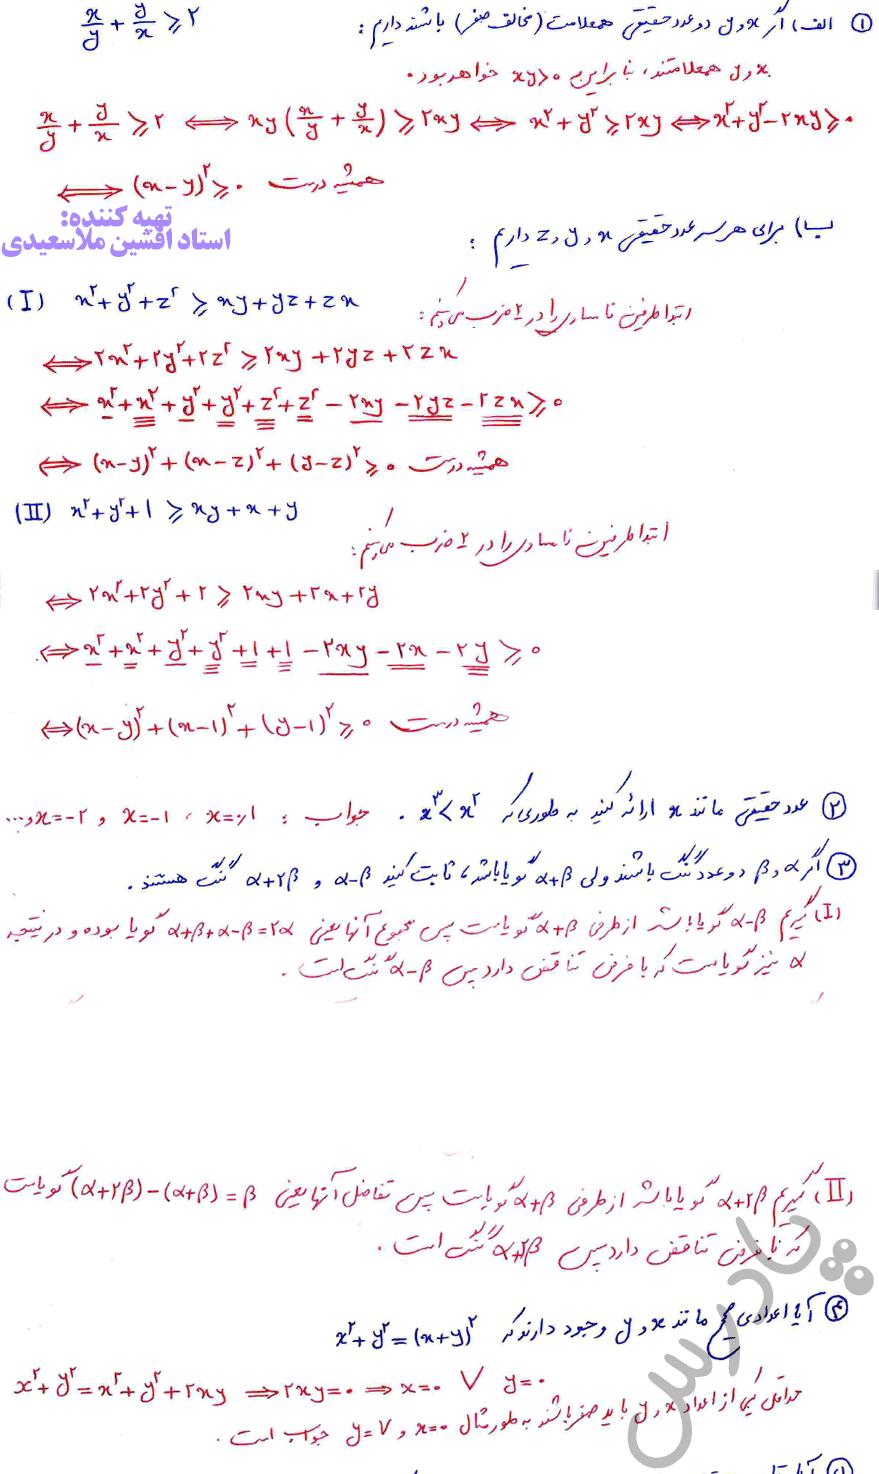 حل تمرین صفحه 8 ریاضی گسسته دوازدهم